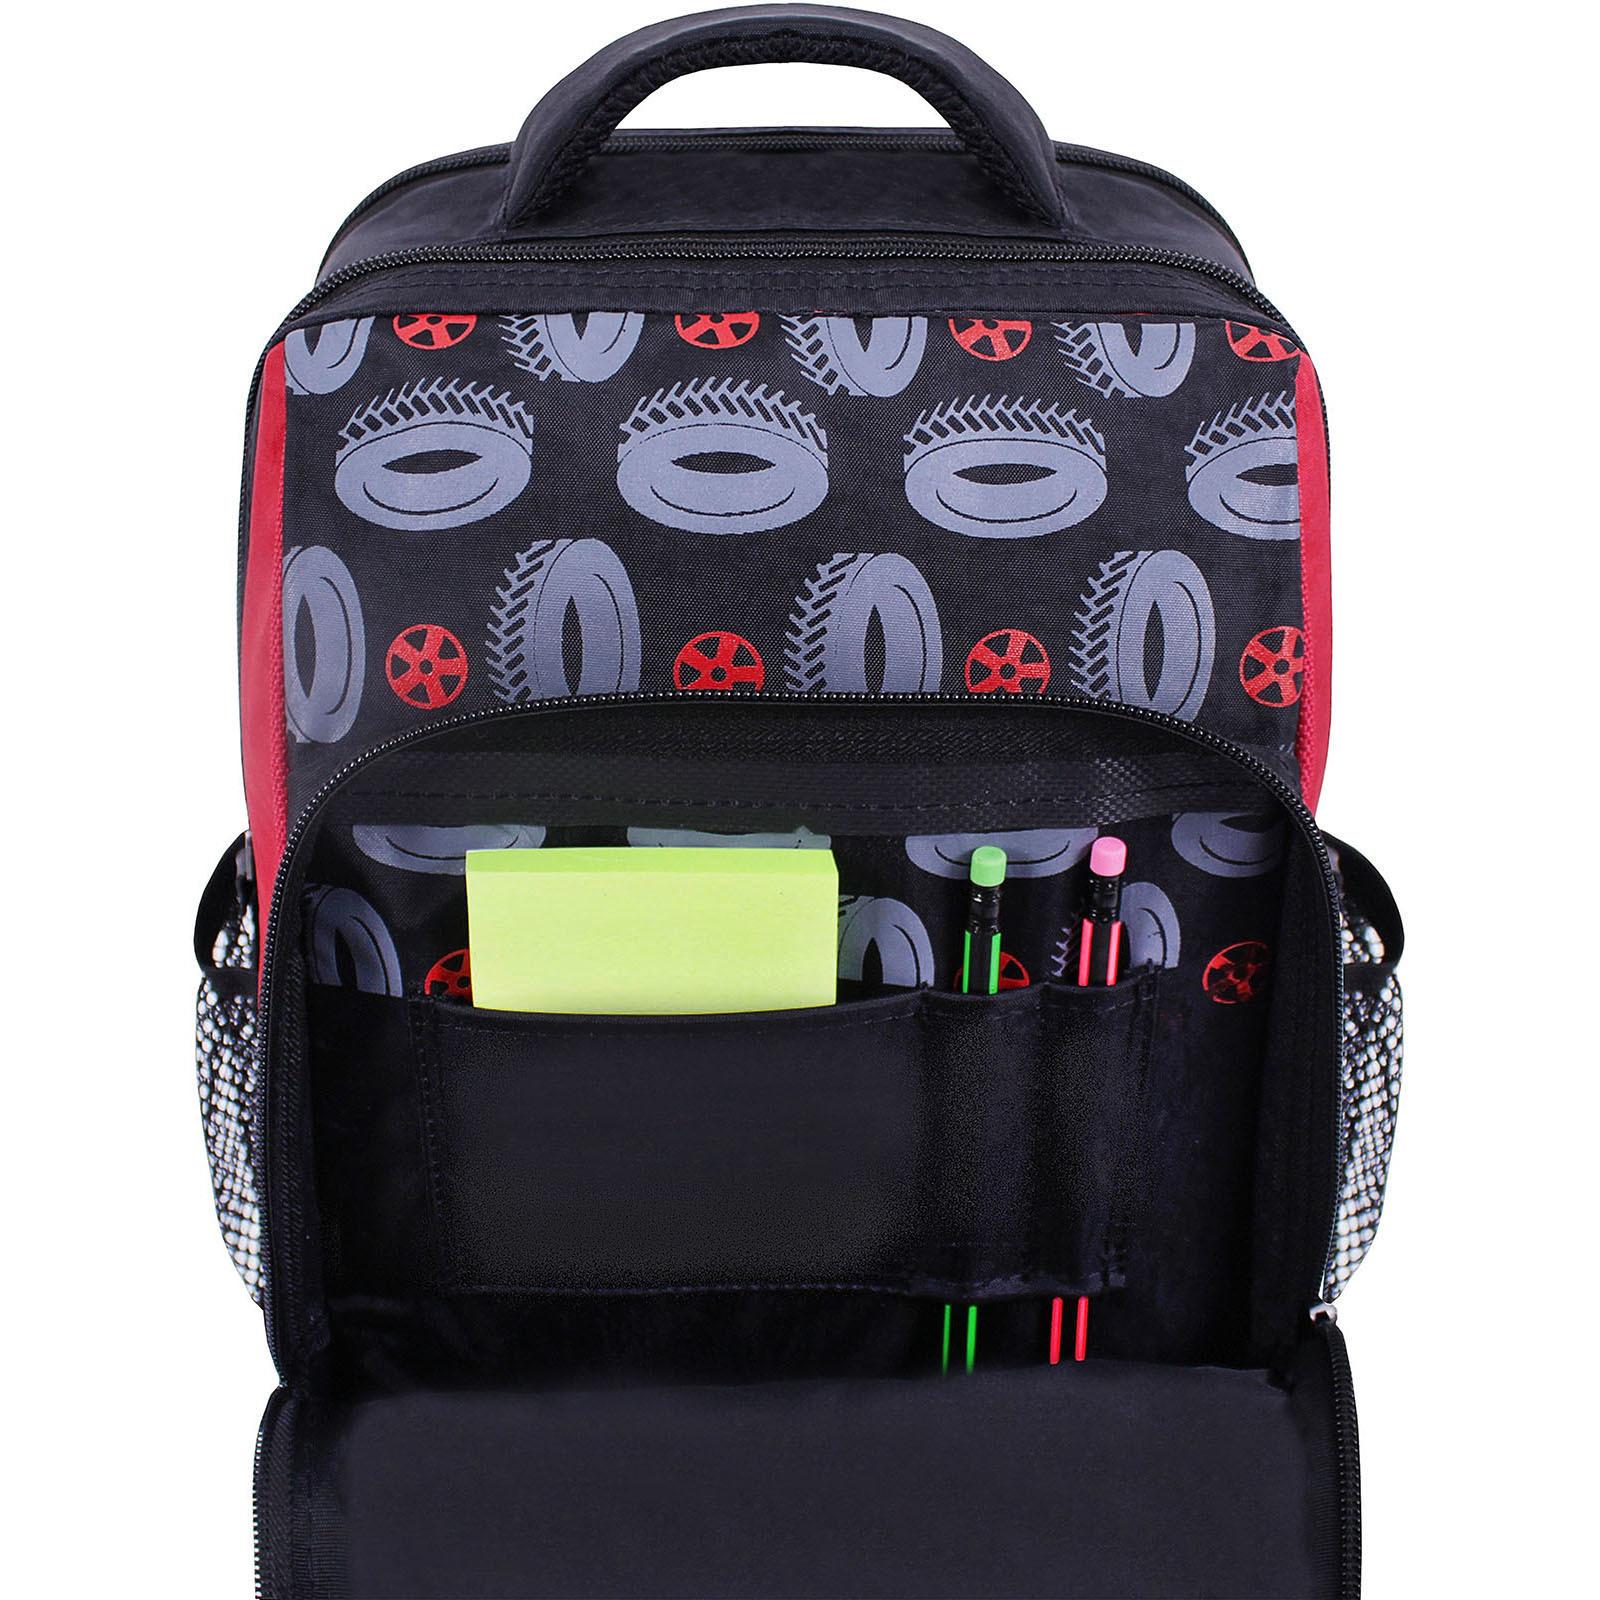 Рюкзак школьный Bagland Школьник 8 л. черный 568 (00112702) фото 3